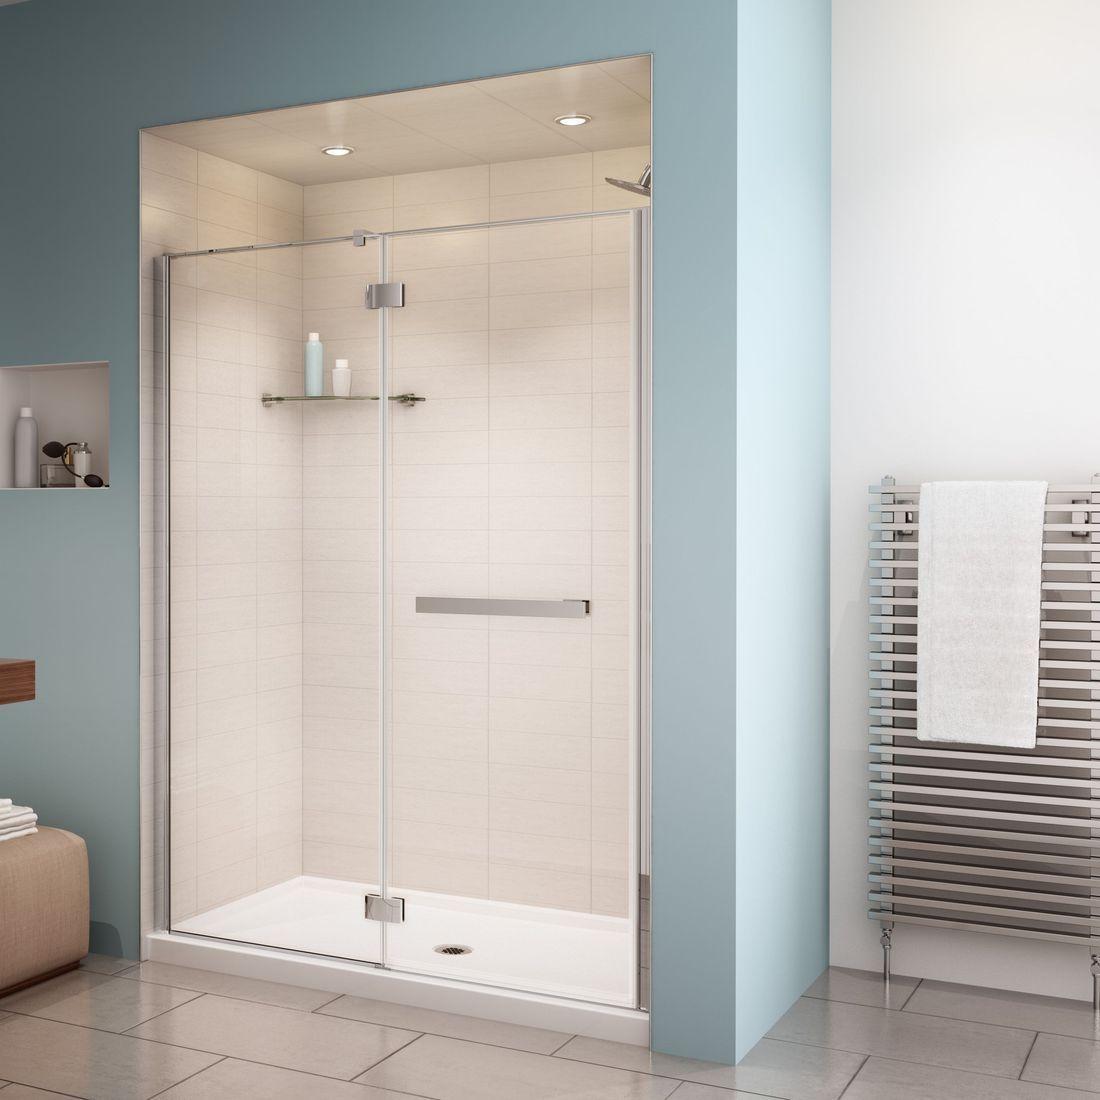 bath fitter, bath planet, bath liners plus, acrylic tub liners, bath liners, bain magique, bain miracle